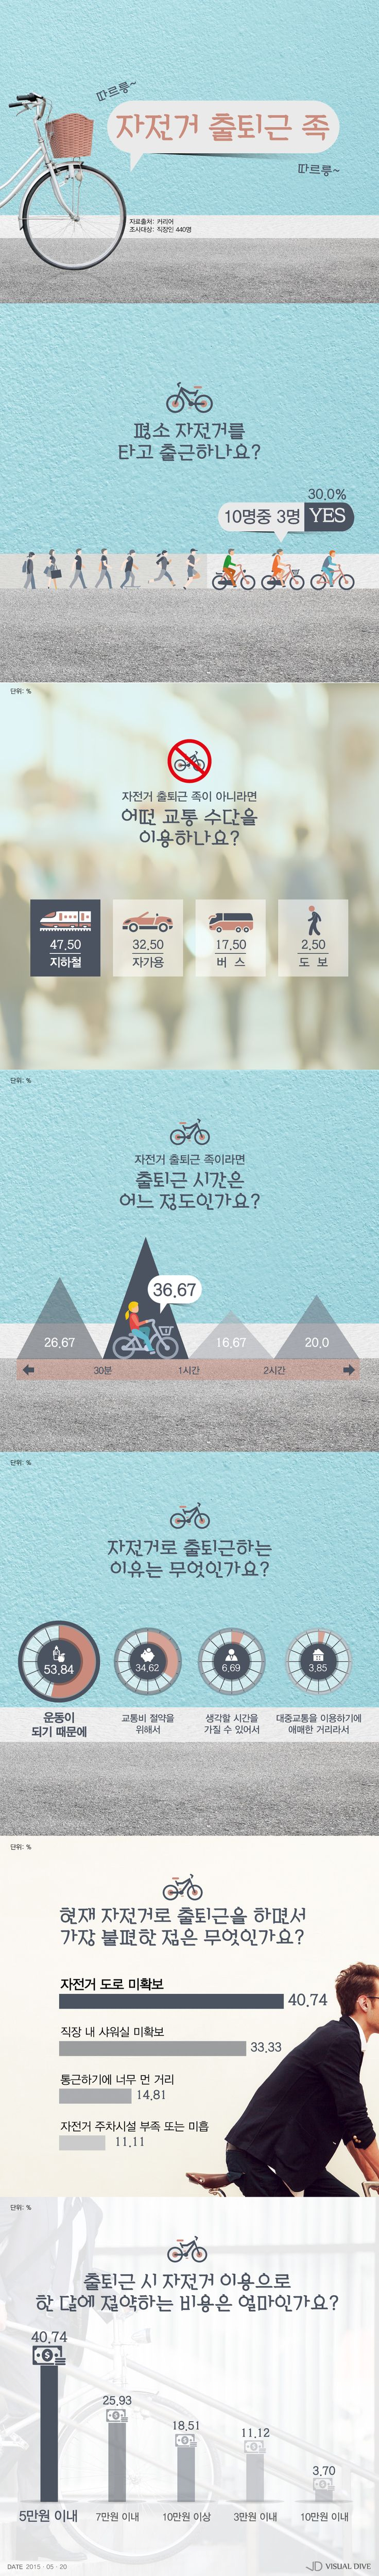 """직장인 30%, """"나는 자출족""""…'운동 되고 교통비도 줄이고' [인포그래픽] #bicycle / #Infographic ⓒ 비주얼다이브 무단 복사·전재·재배포 금지"""